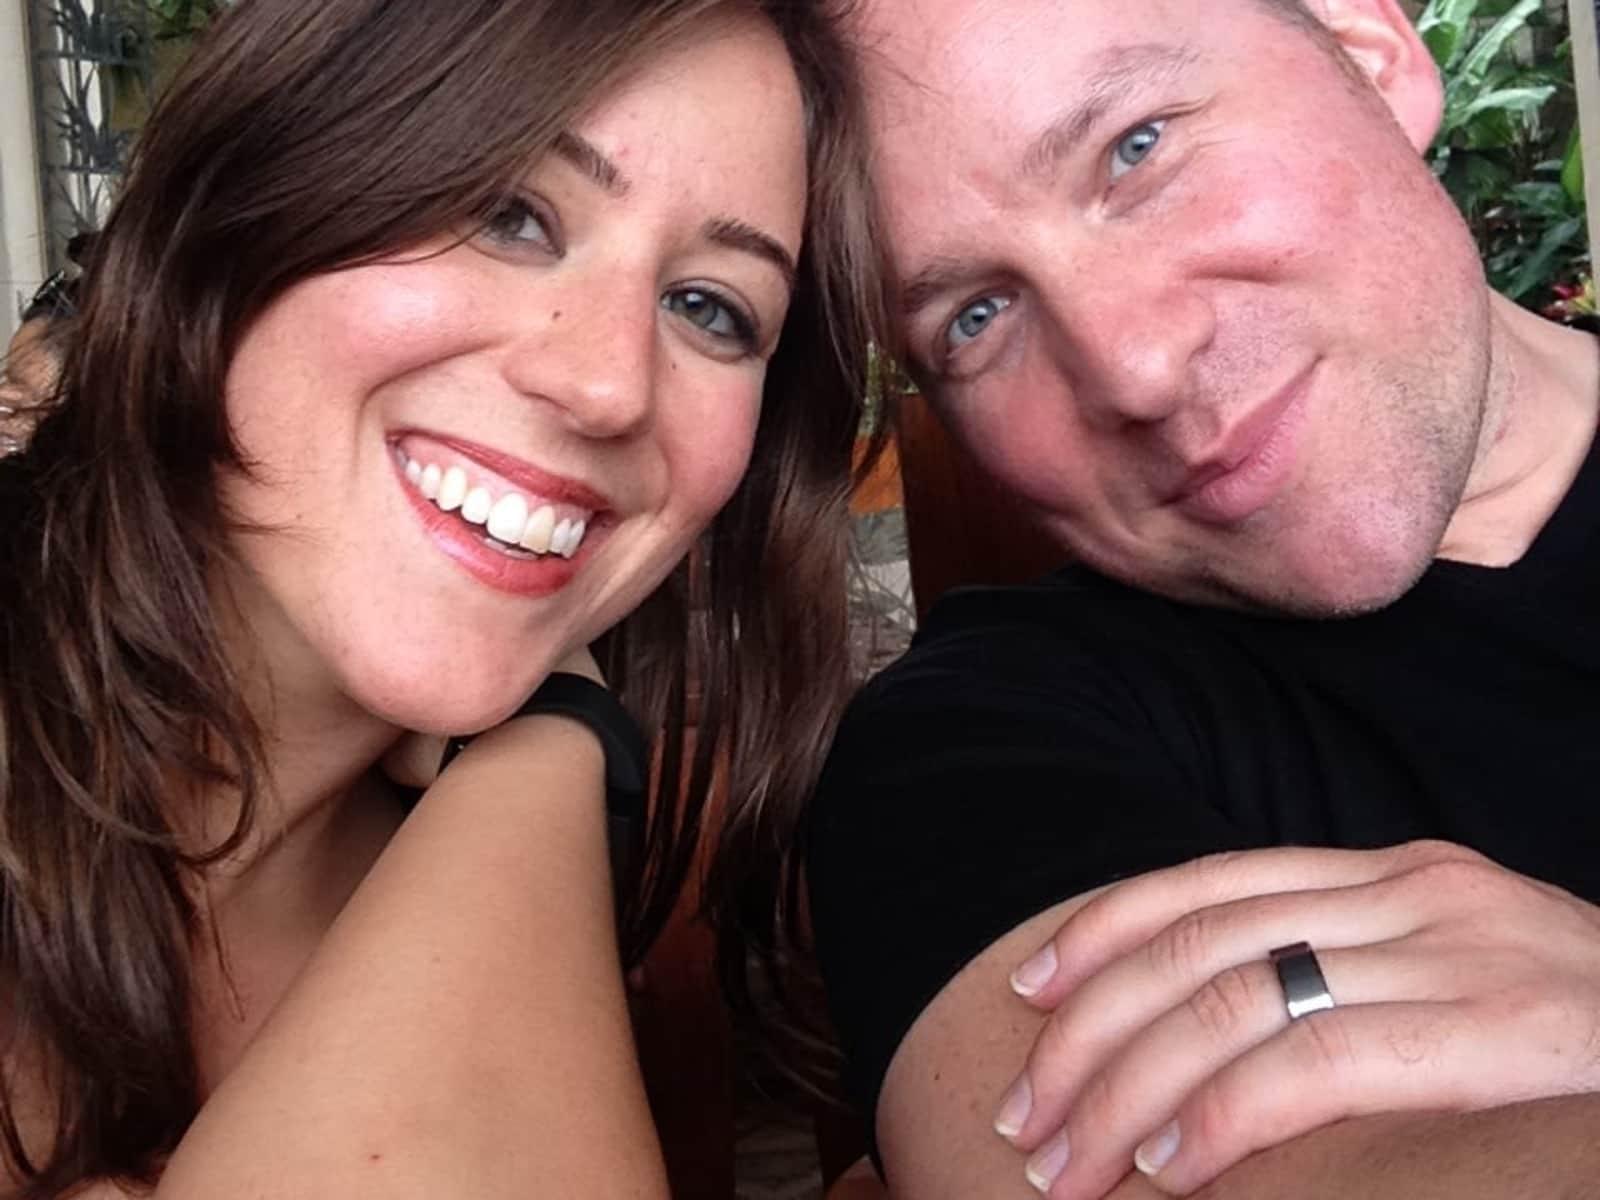 Rosemary & John from Vancouver, Washington, United States